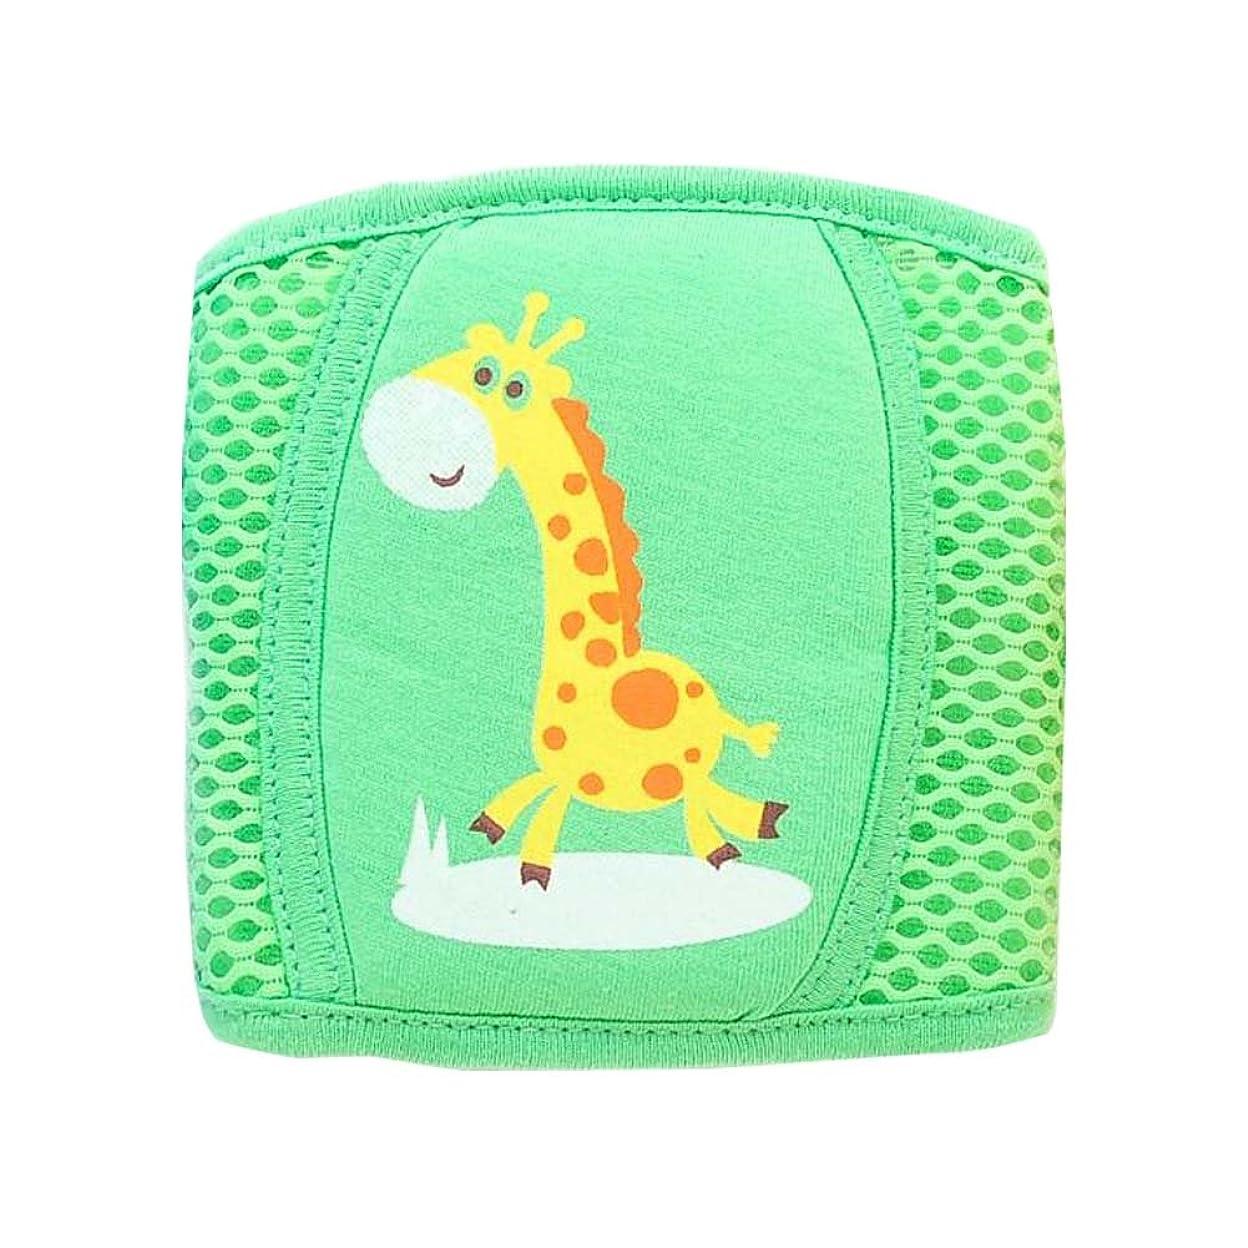 粘り強い息子上に幼児ウォーキング膝パッドアンチフォールアジャスタブル保護パッド(グリーン)